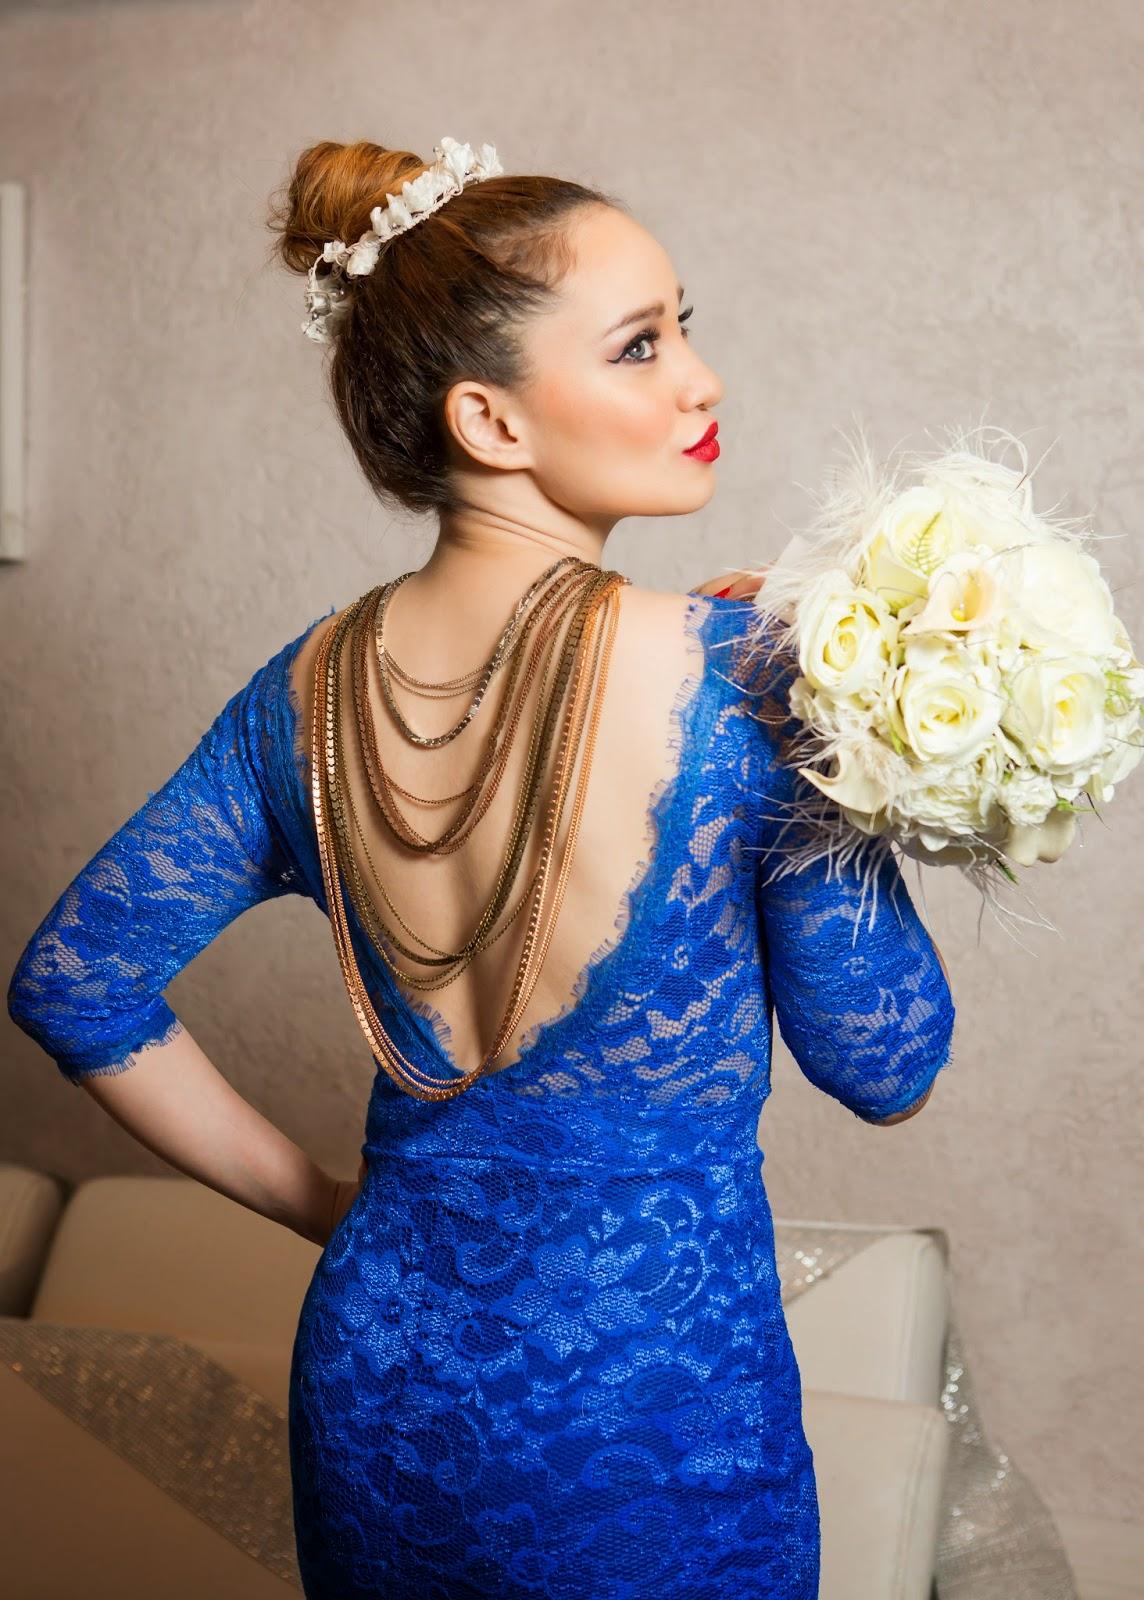 Sheinside Blue Lace Dress with a V back & a Back-Chain